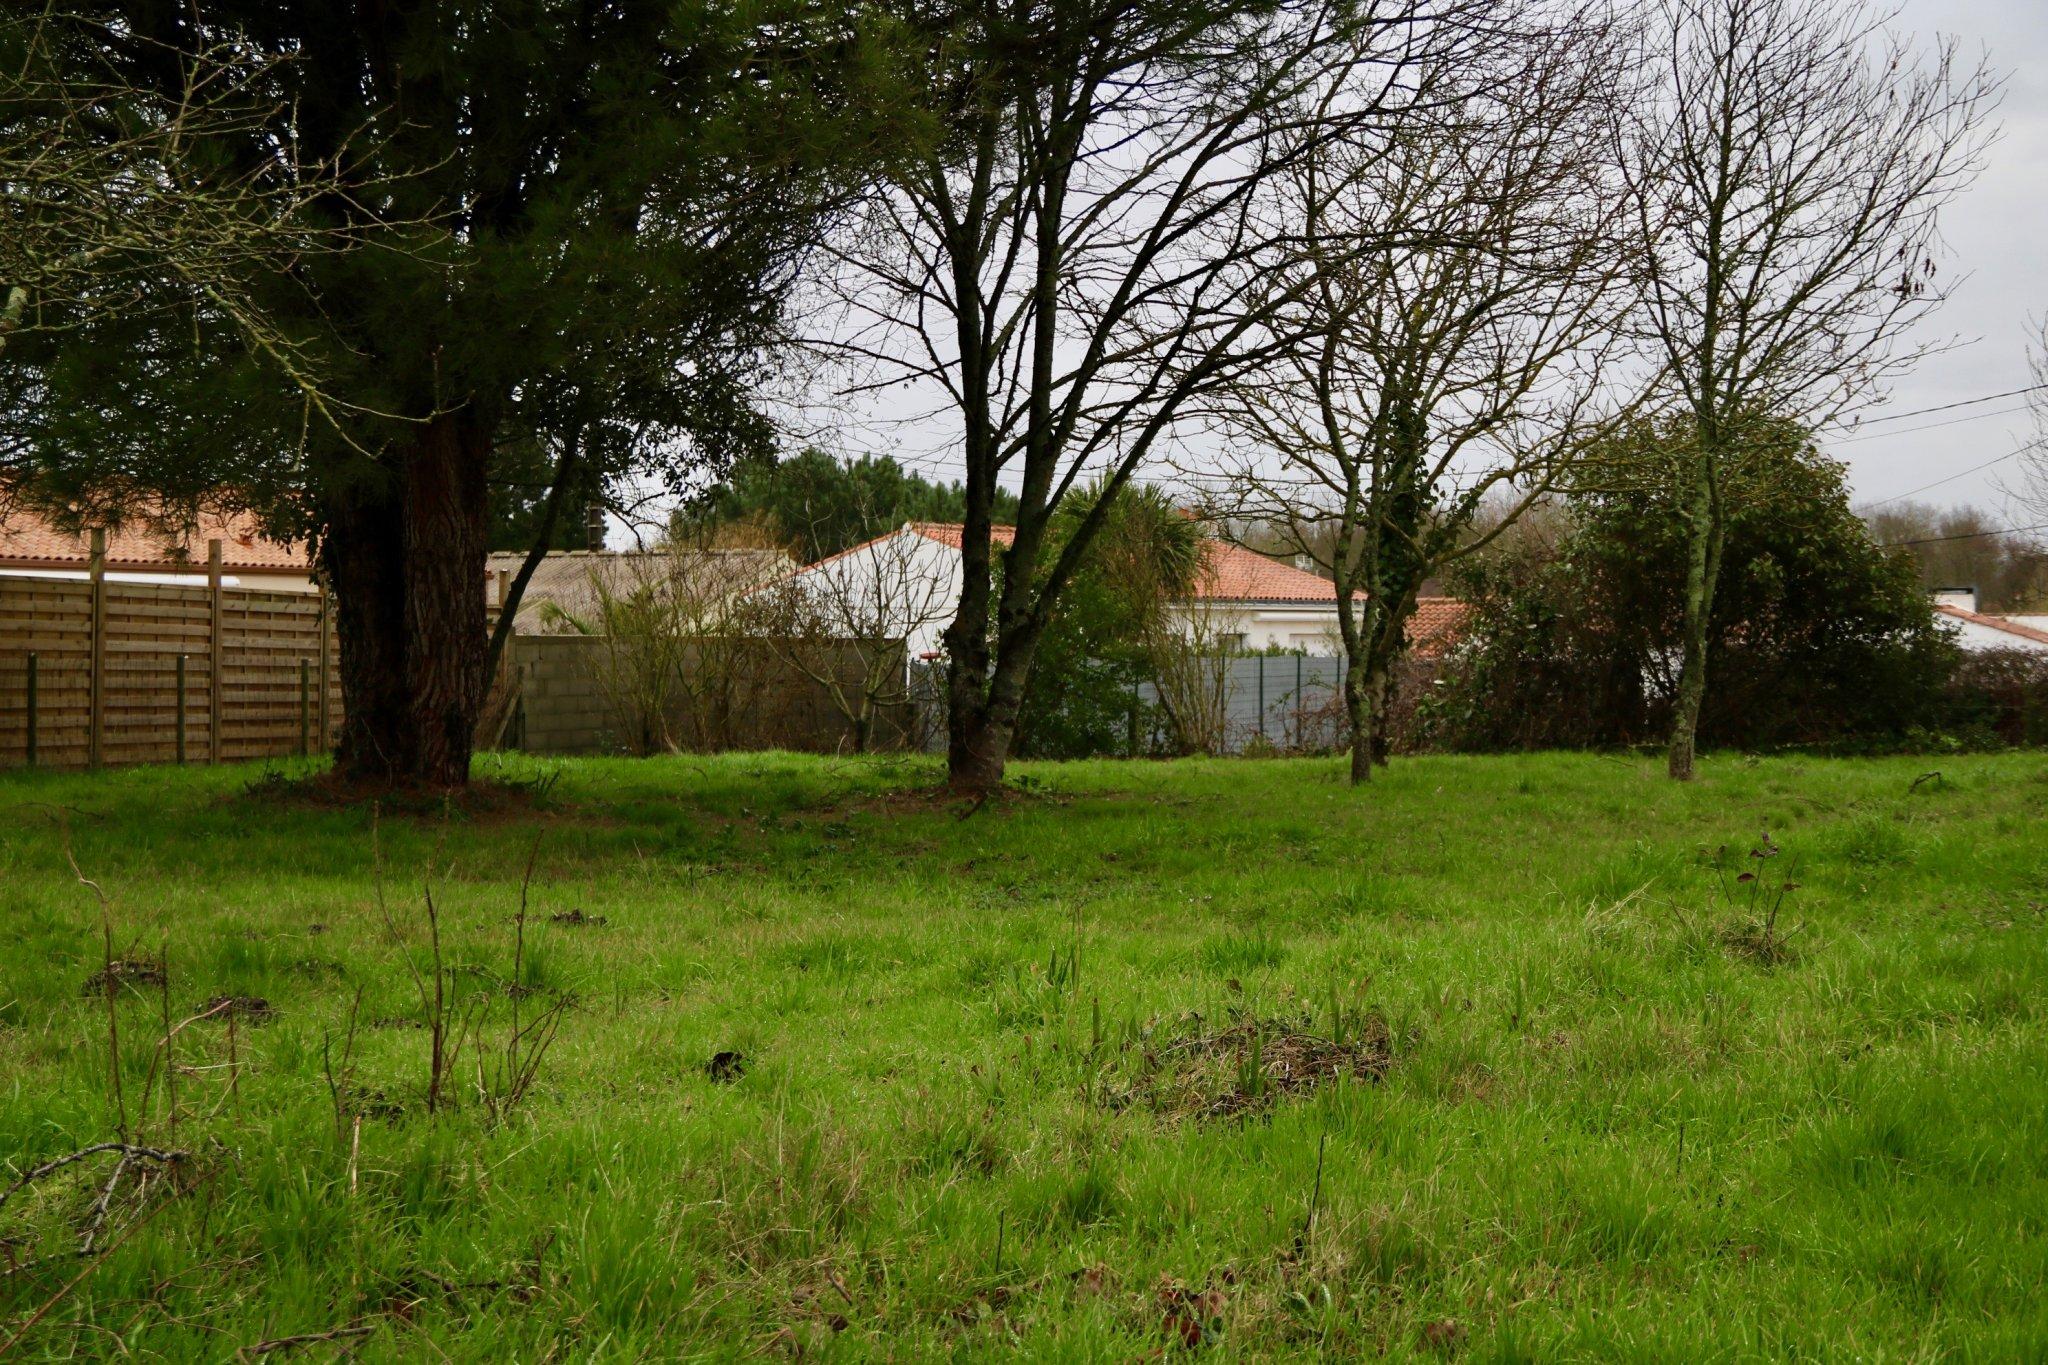 Terrain 888m2 Hors lotissement | ref-502